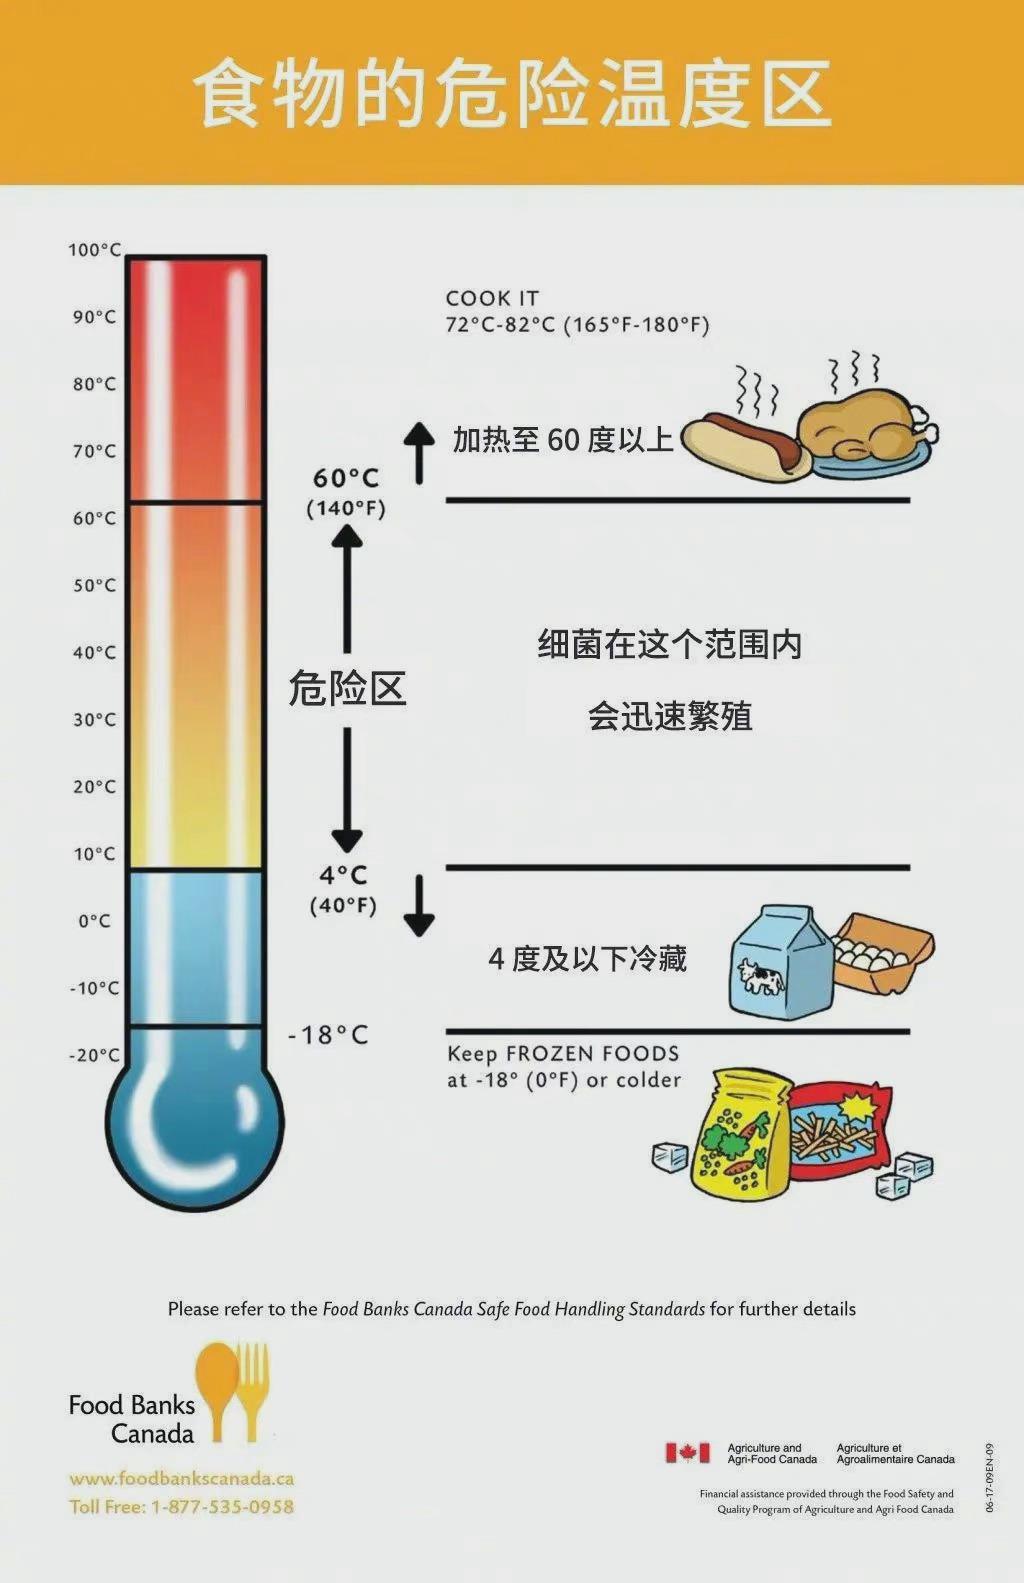 常温下食品有个4小时规则,超过4小时未冷藏要丢弃-itotii